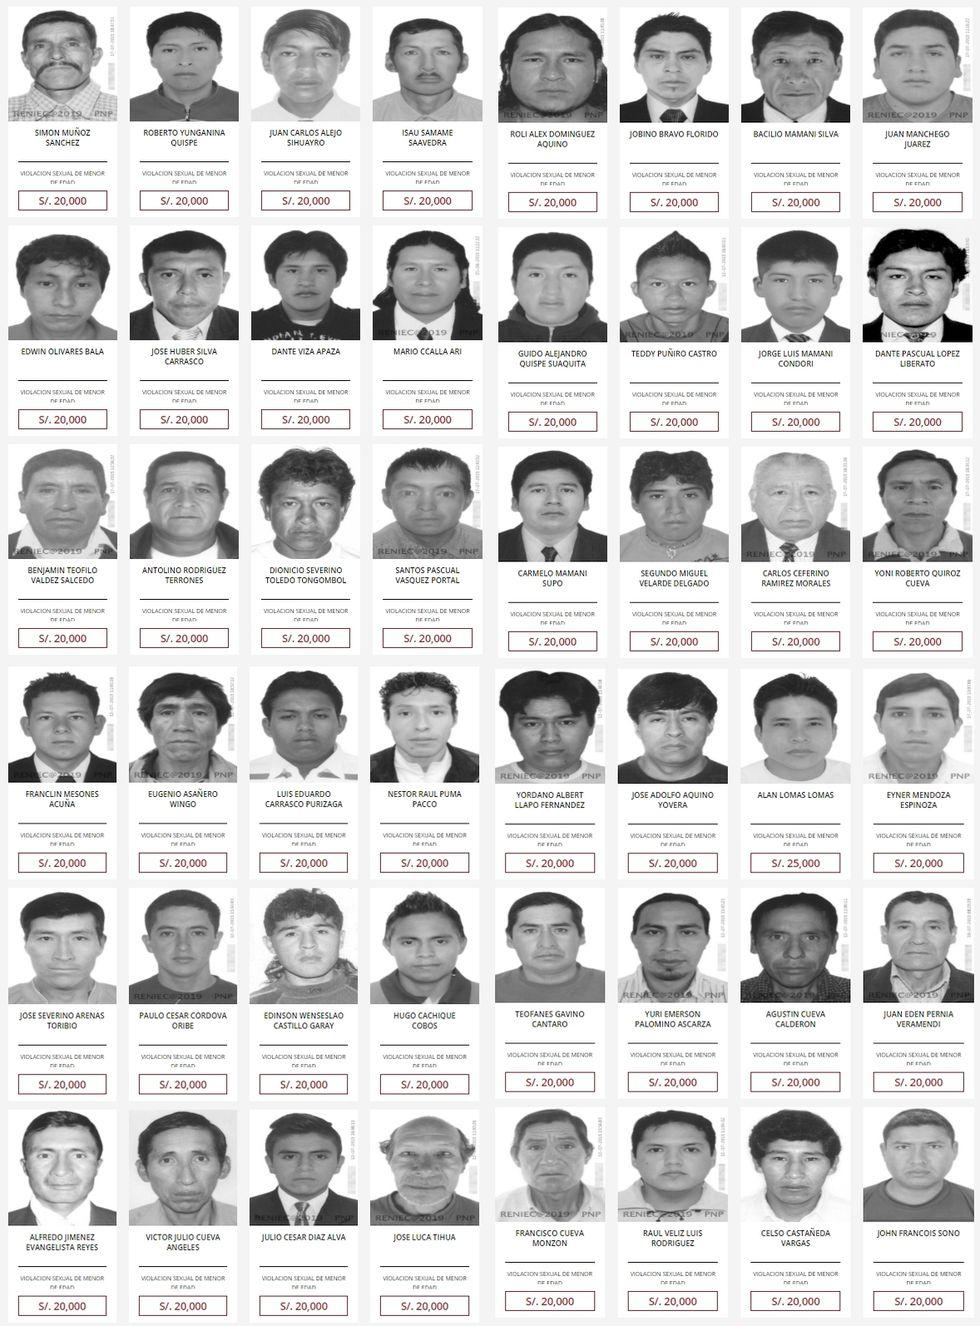 Estos son las personas que se encuentran buscadas por el delito de violación sexual. El monto de recompensa se encuentra entre los 20 y 25 mil soles. (Imagen: recompensas.pe)